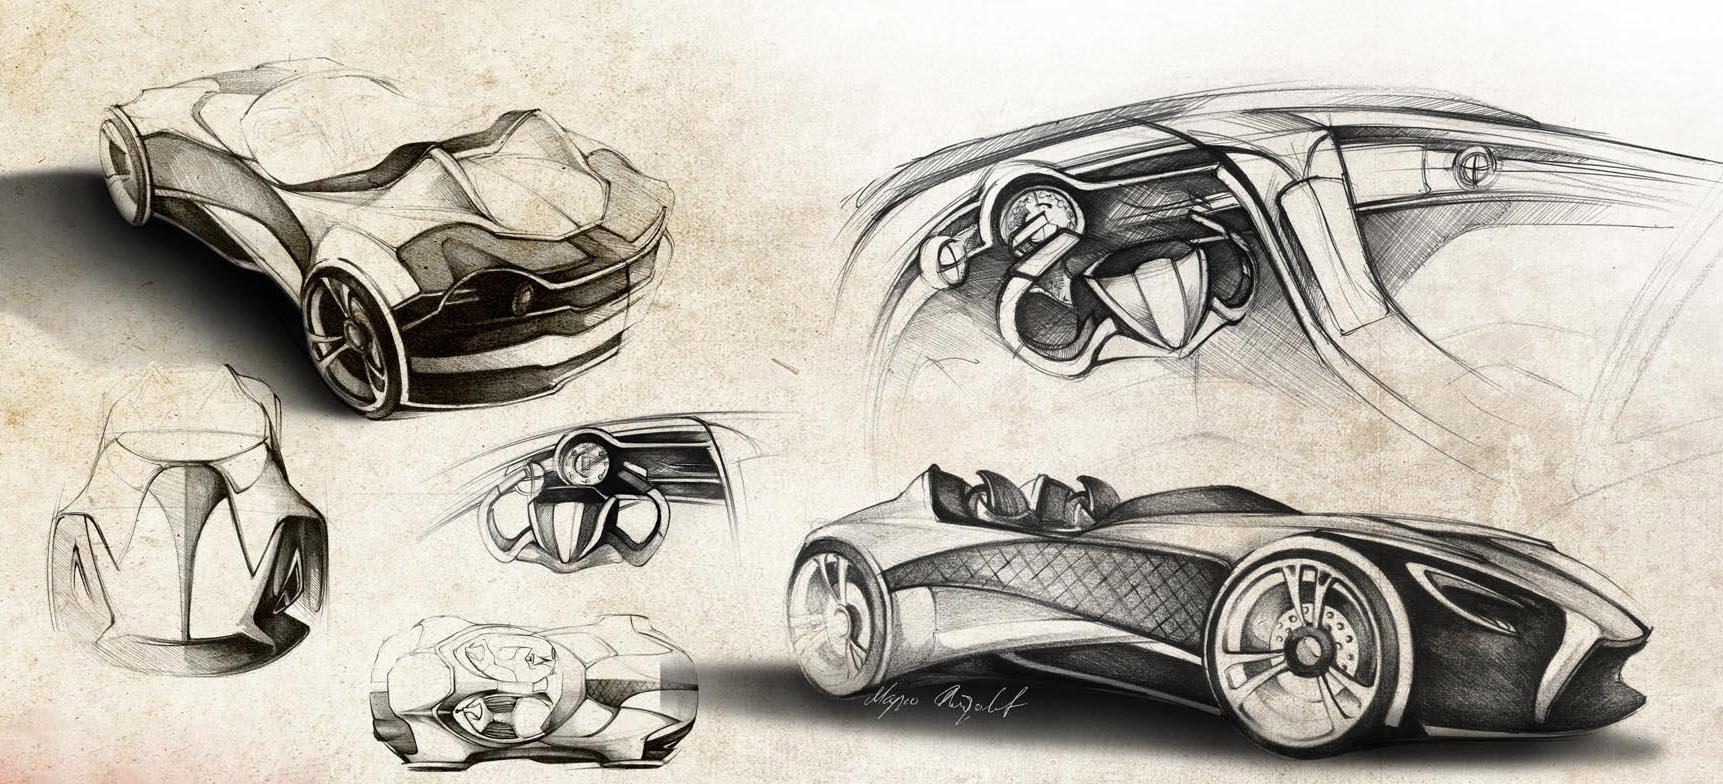 всегда уместны как дизайнеры рисуют эскизы спорткаров фото гордостью демонстрирует широкую